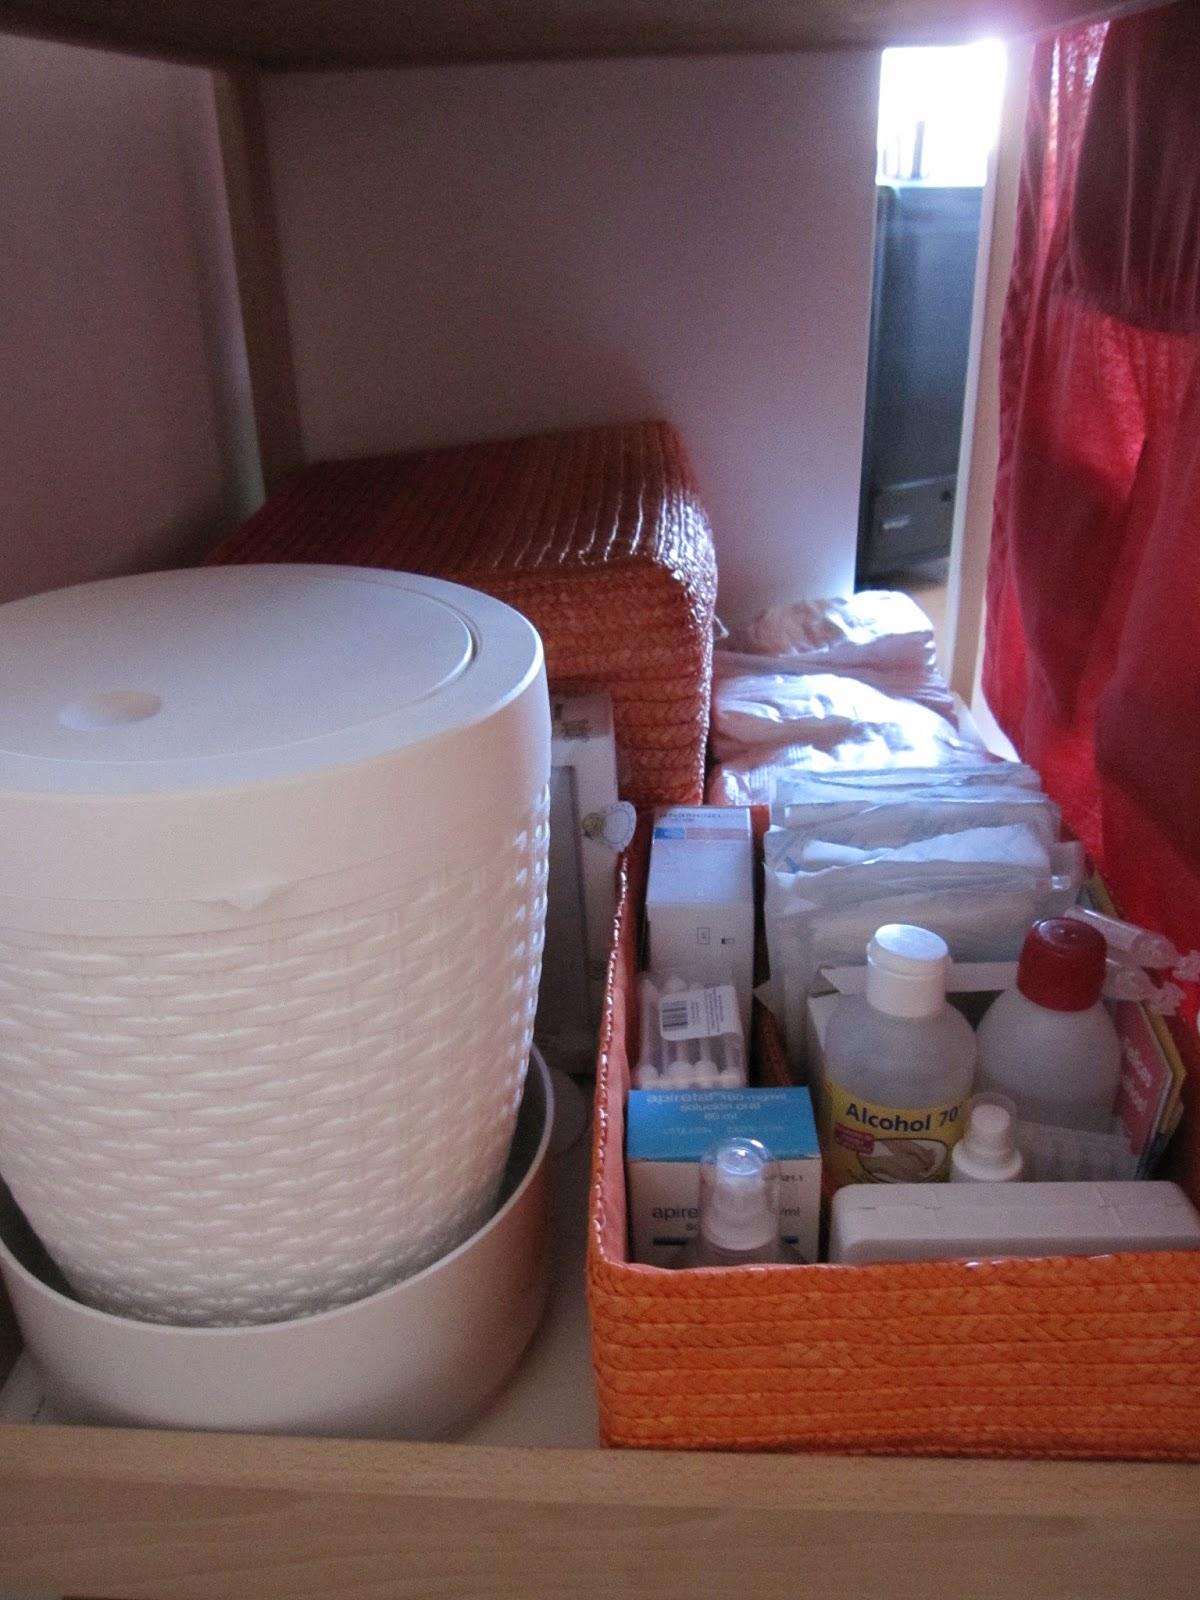 Cristina en casa el cambiador mi otro rinc n for Tapas wc ikea